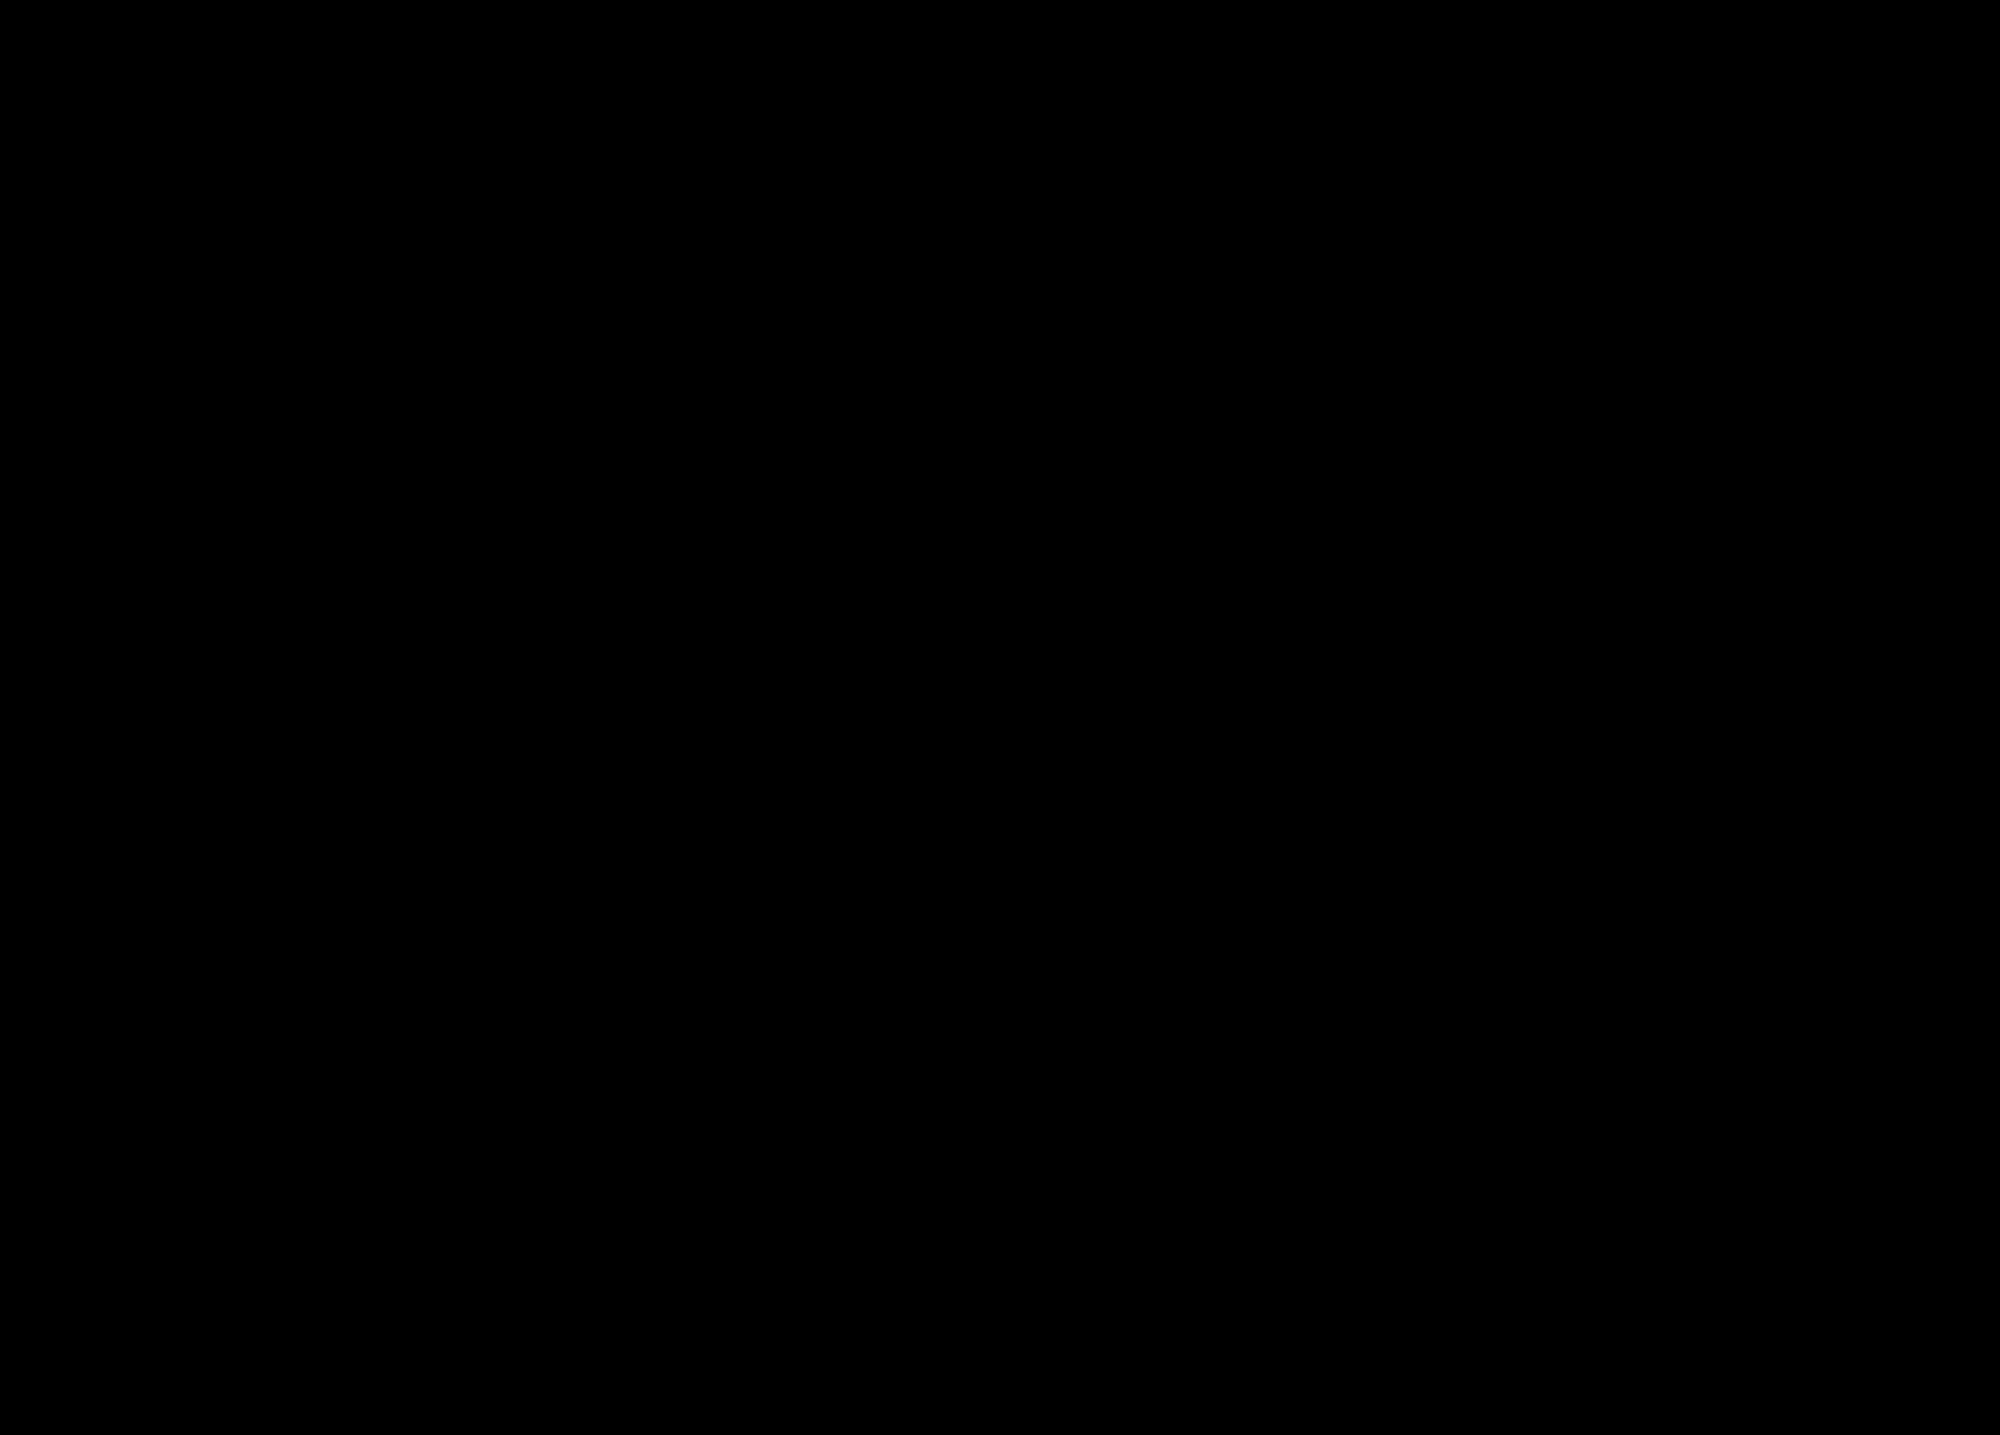 Амбасадор Босне и Херцеговине у Републици Сјеверној Македонији Драган Јаћимовић предао акредитивна писма предсједнику Републике Сјеверне Македоније Стеву Пендаровском